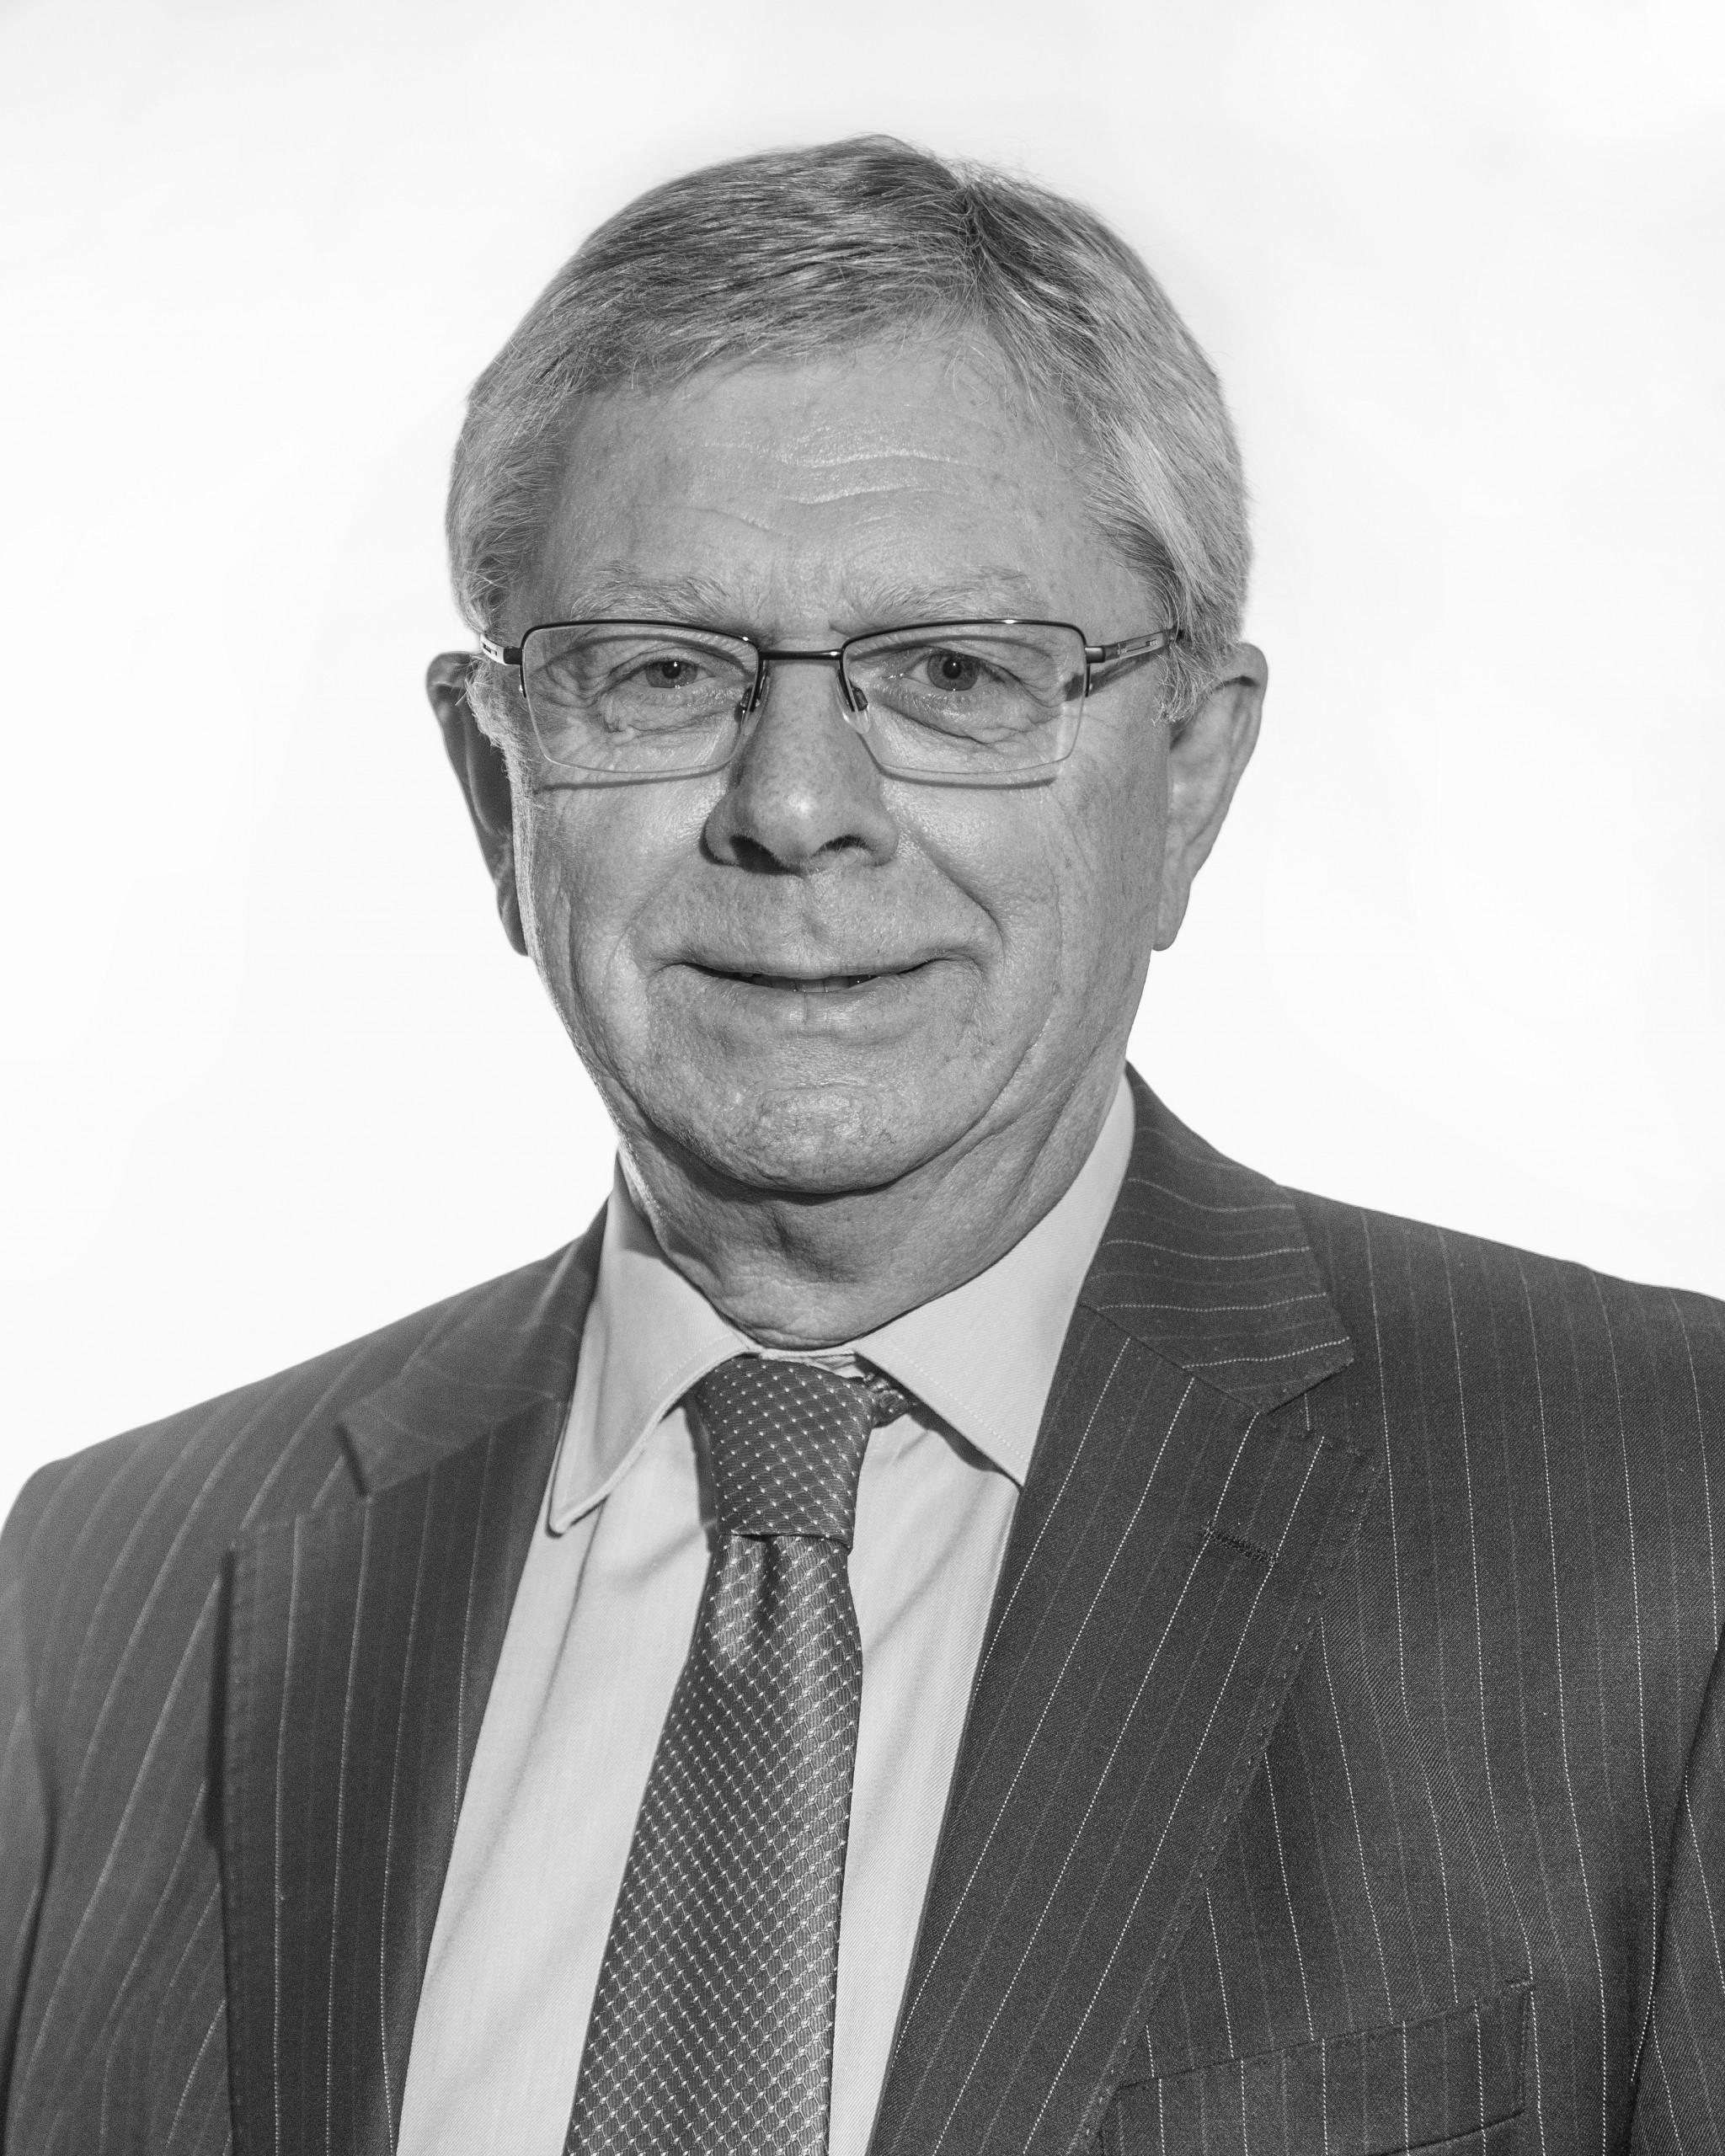 Murray Wills